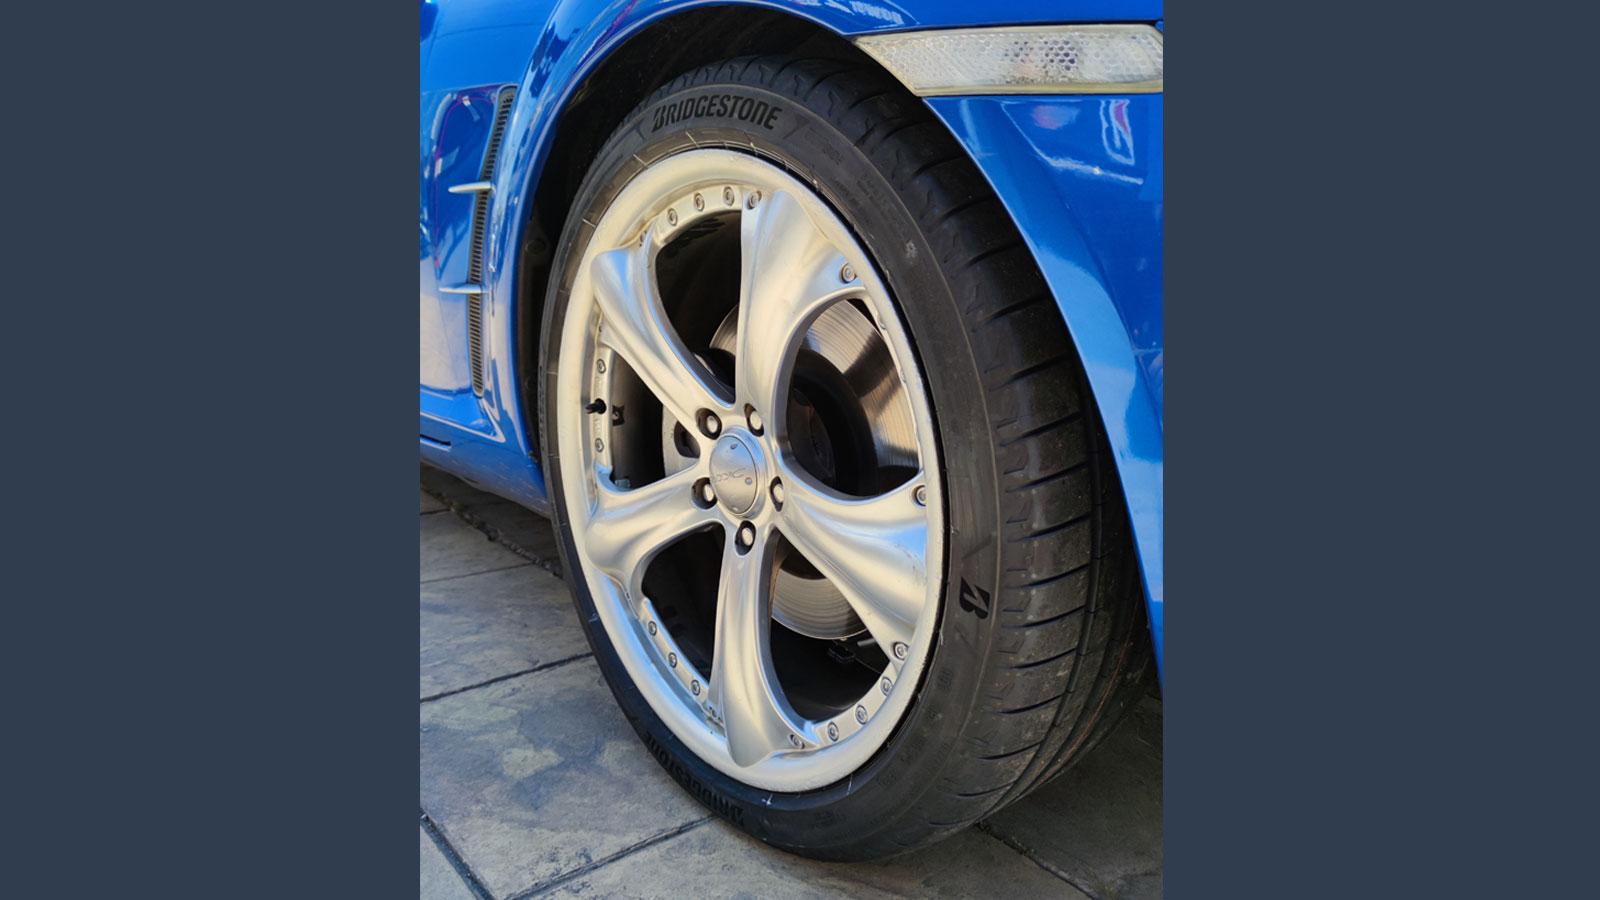 Με κορυφαίες επιδόσεις σε δοκιμασίες σε στεγνό και σε βρεγμένο οδόστρωμα, το νέο ελαστικό υψηλών επιδόσεων της Bridgestone κατέκτησε την κορυφή σε διεθνές test σπορ ελαστικών.